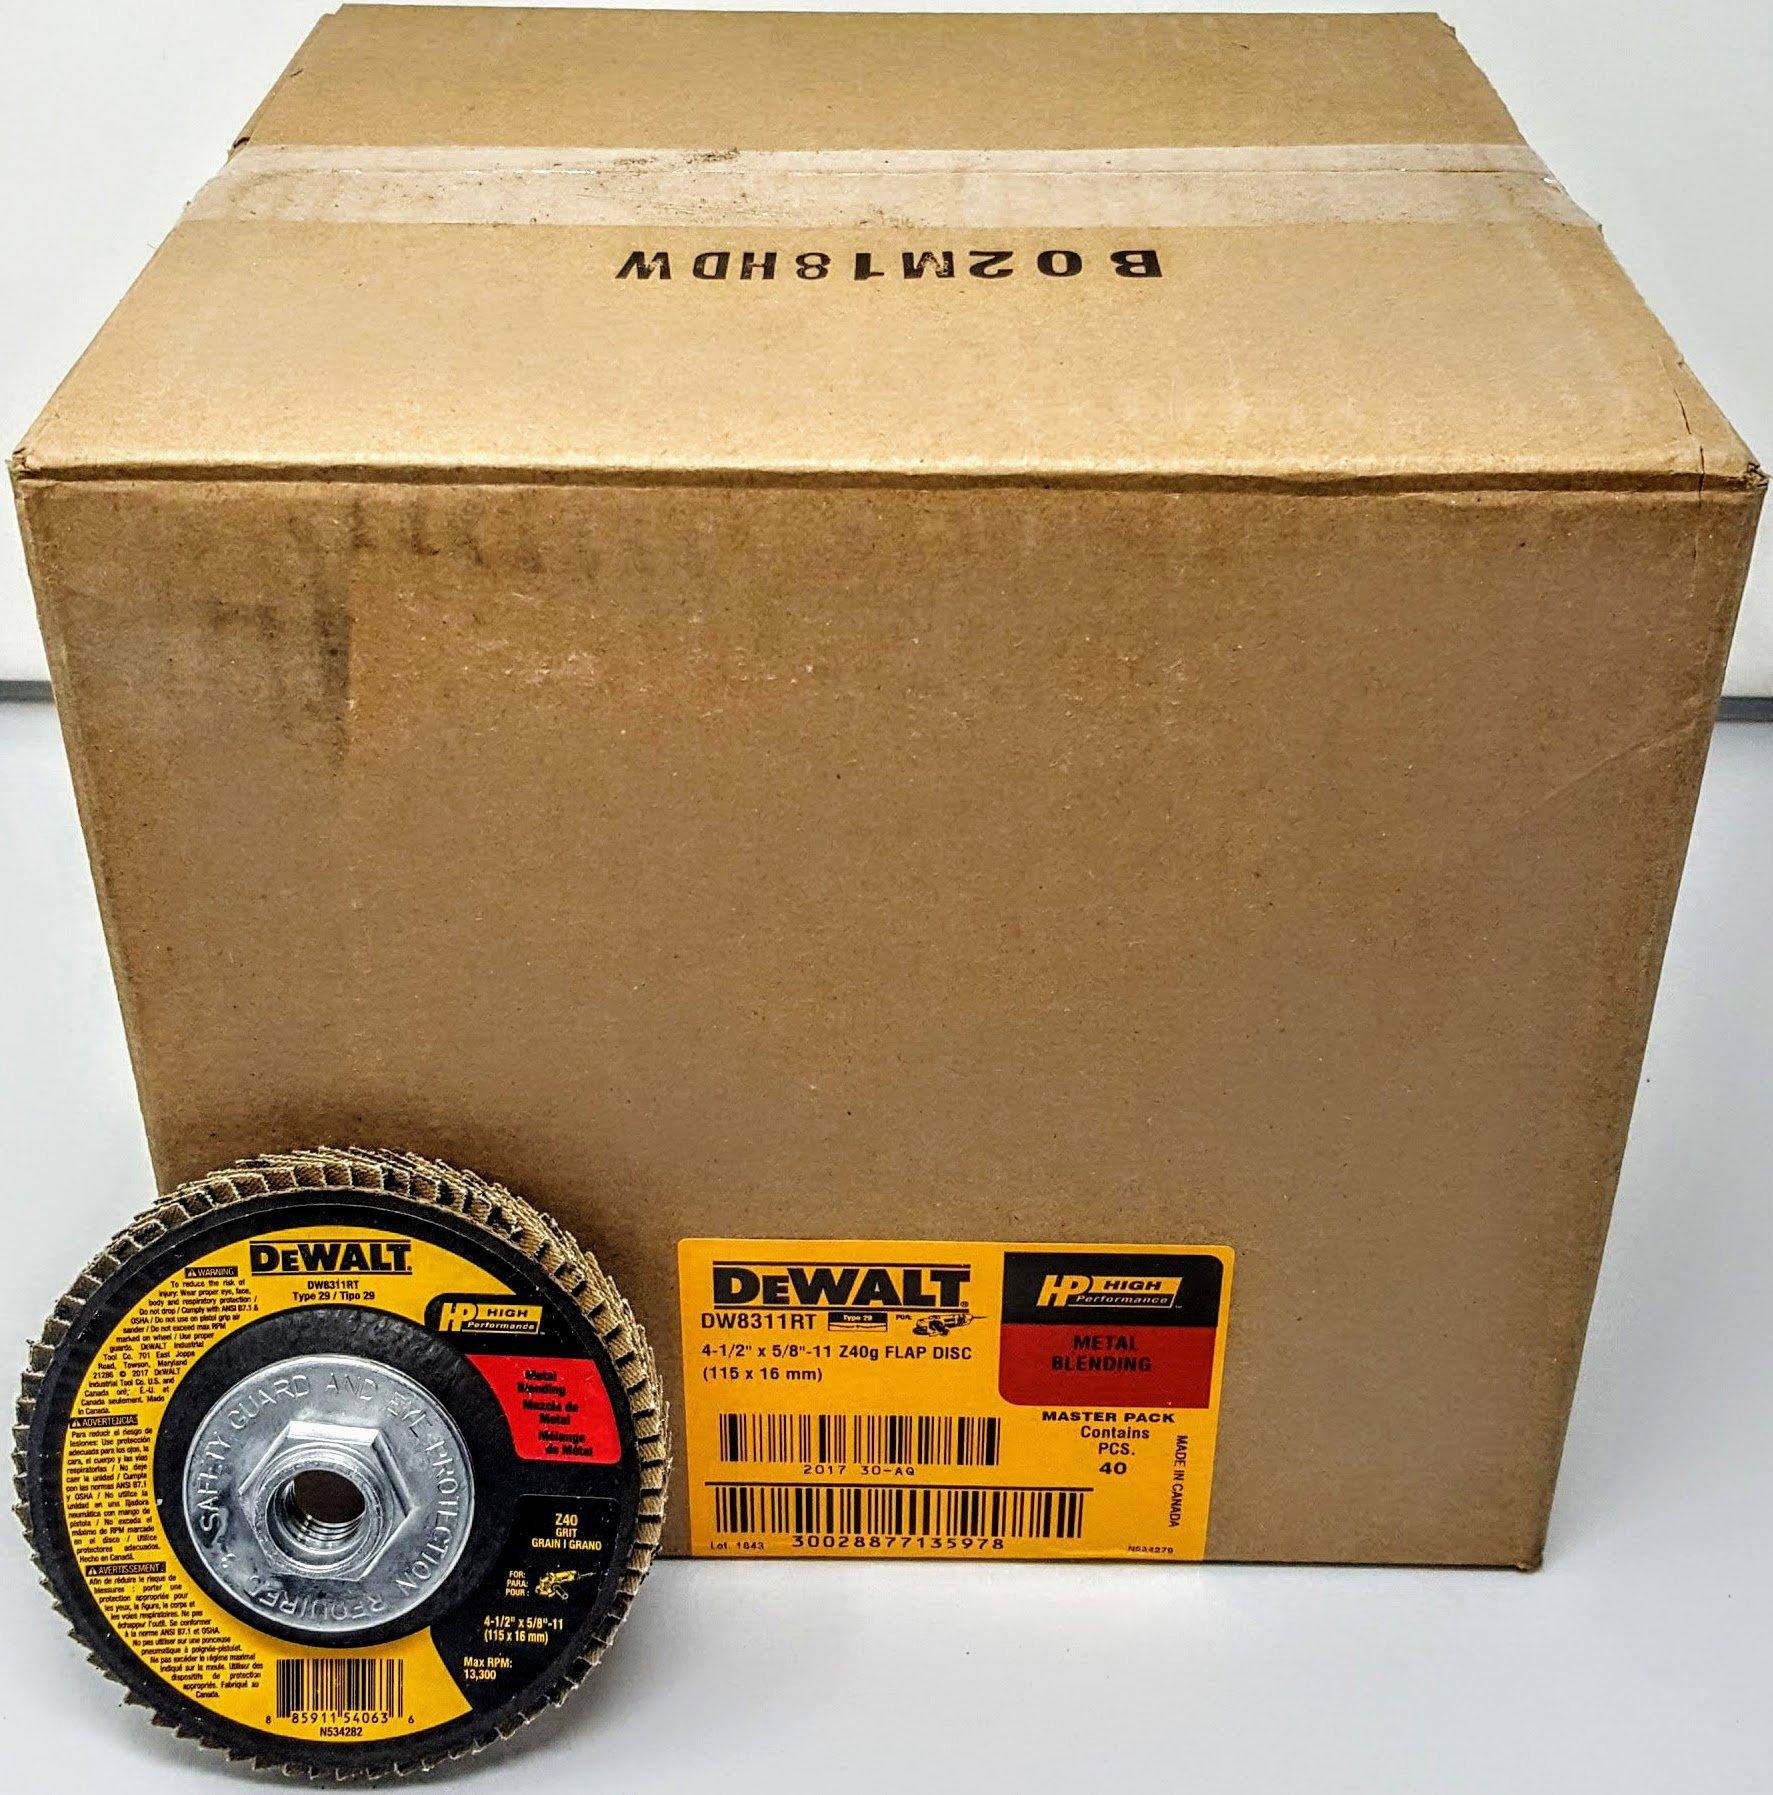 DEWALT DW8311RT 4-1/2'' x 5/8''-11 Thread 40 grit High-Performance Flap Disc (40)